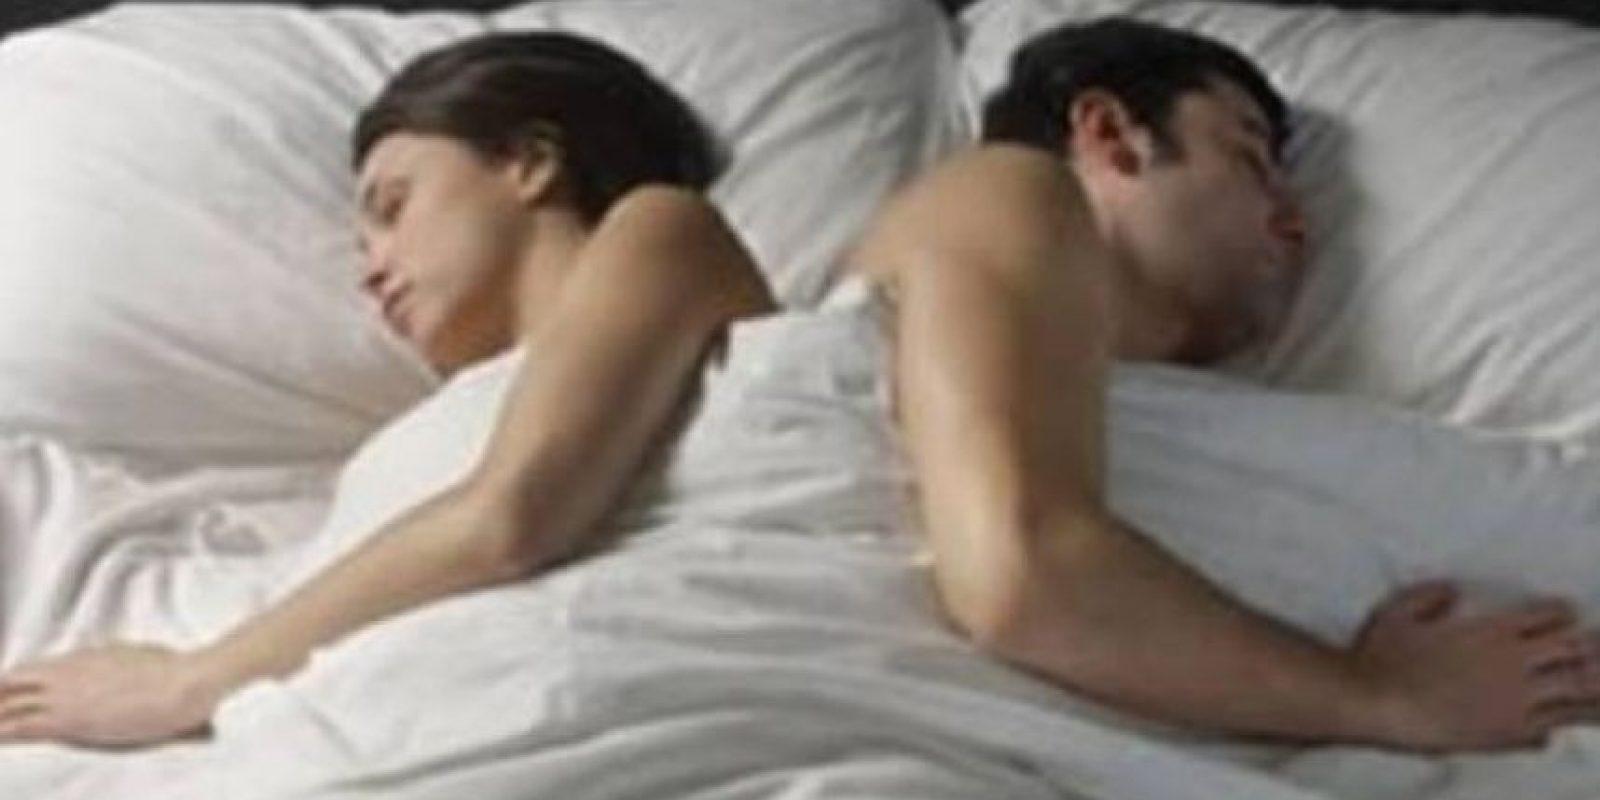 2. Los hombres del mismo rango de edad (40-49), mencionaron masturbarse menos veces por año Foto:Tumblr